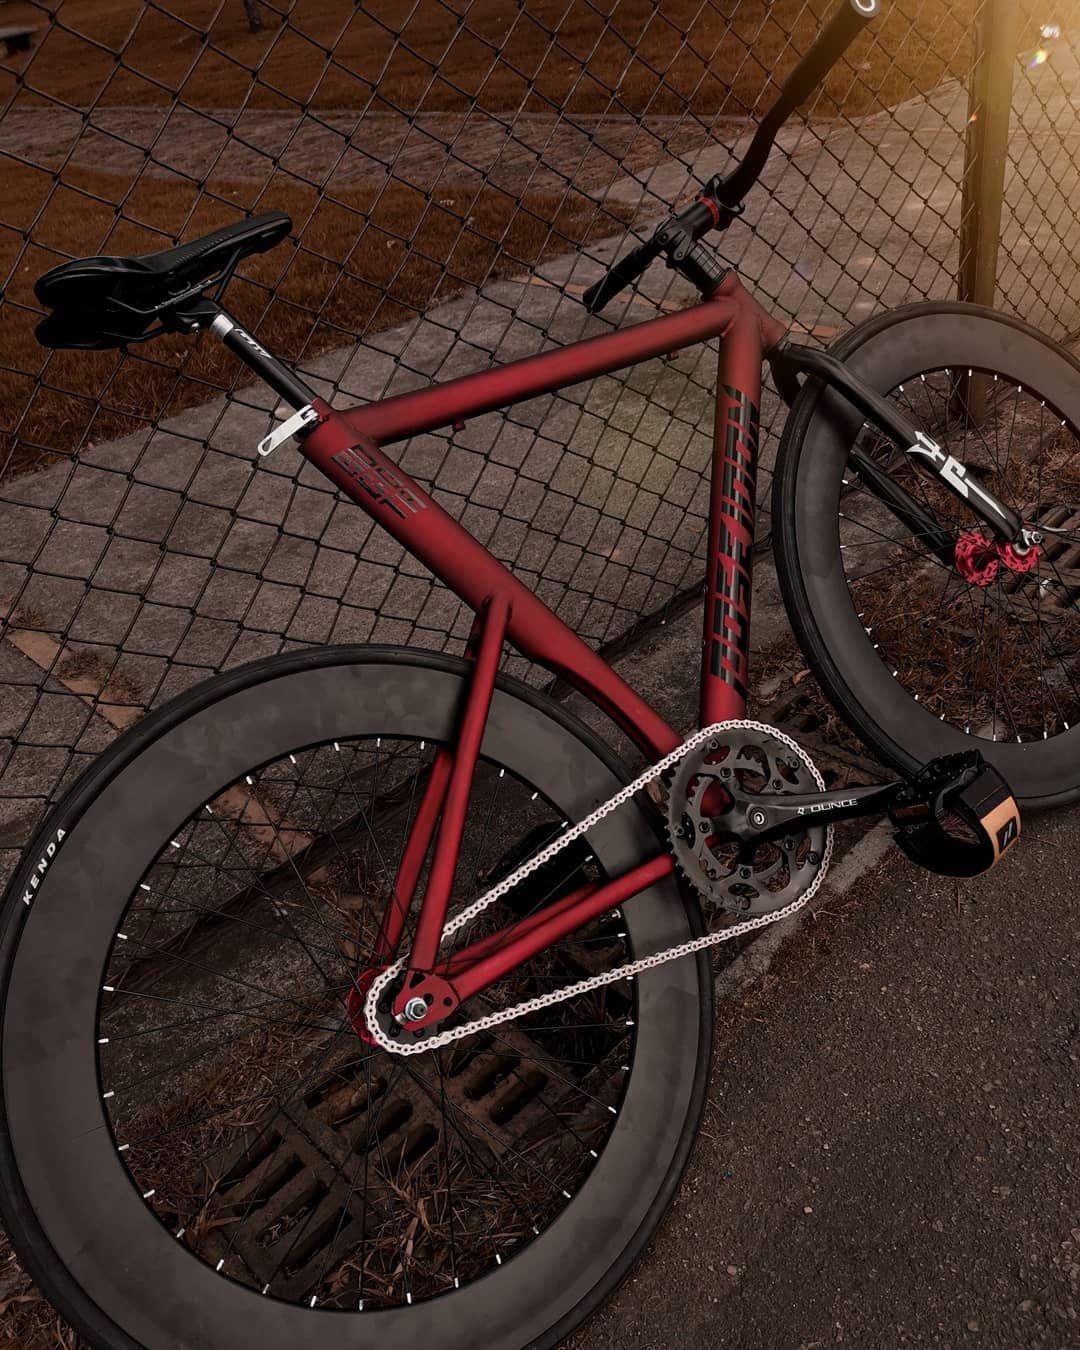 stile classico presa di fabbrica sporco a buon mercato Fast ride🌠 . . . #fixedgear #cycling #bogota #bike   Bicycle ...